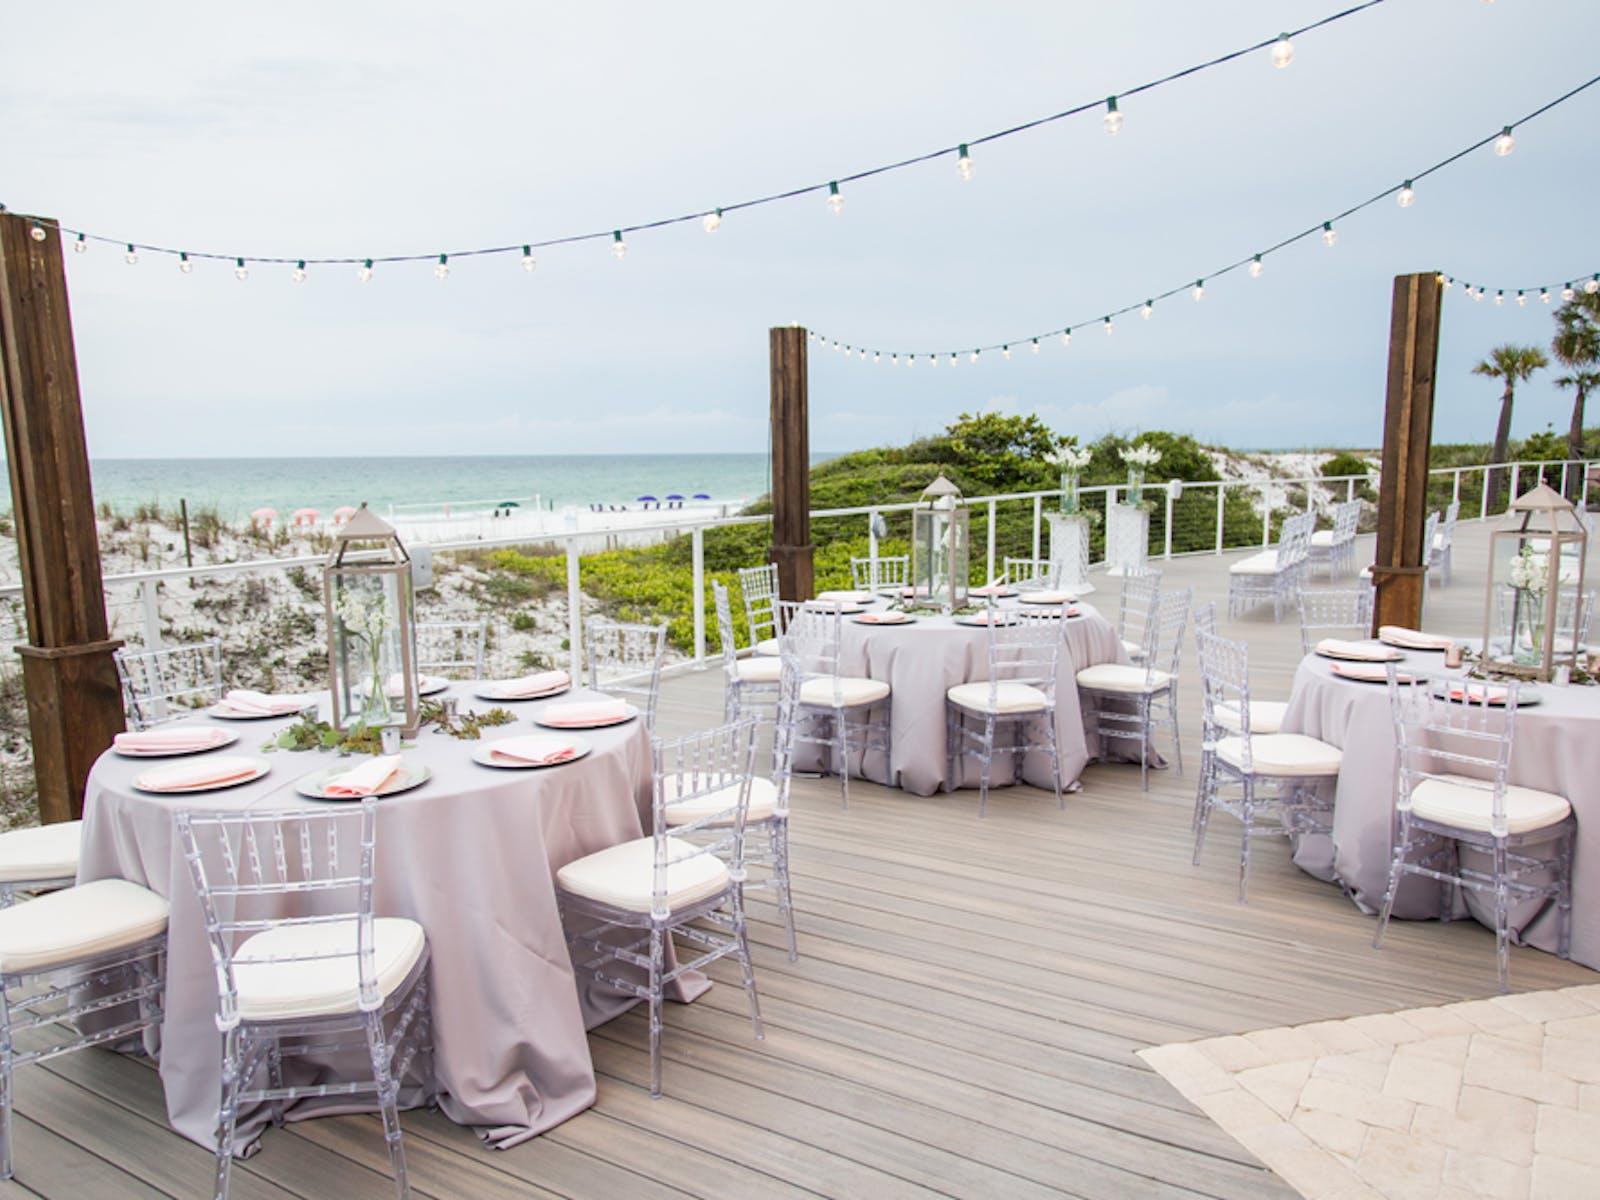 Weddings at TOPS'L Beach & Racquet Resort - Blue Dunes Deck Reception